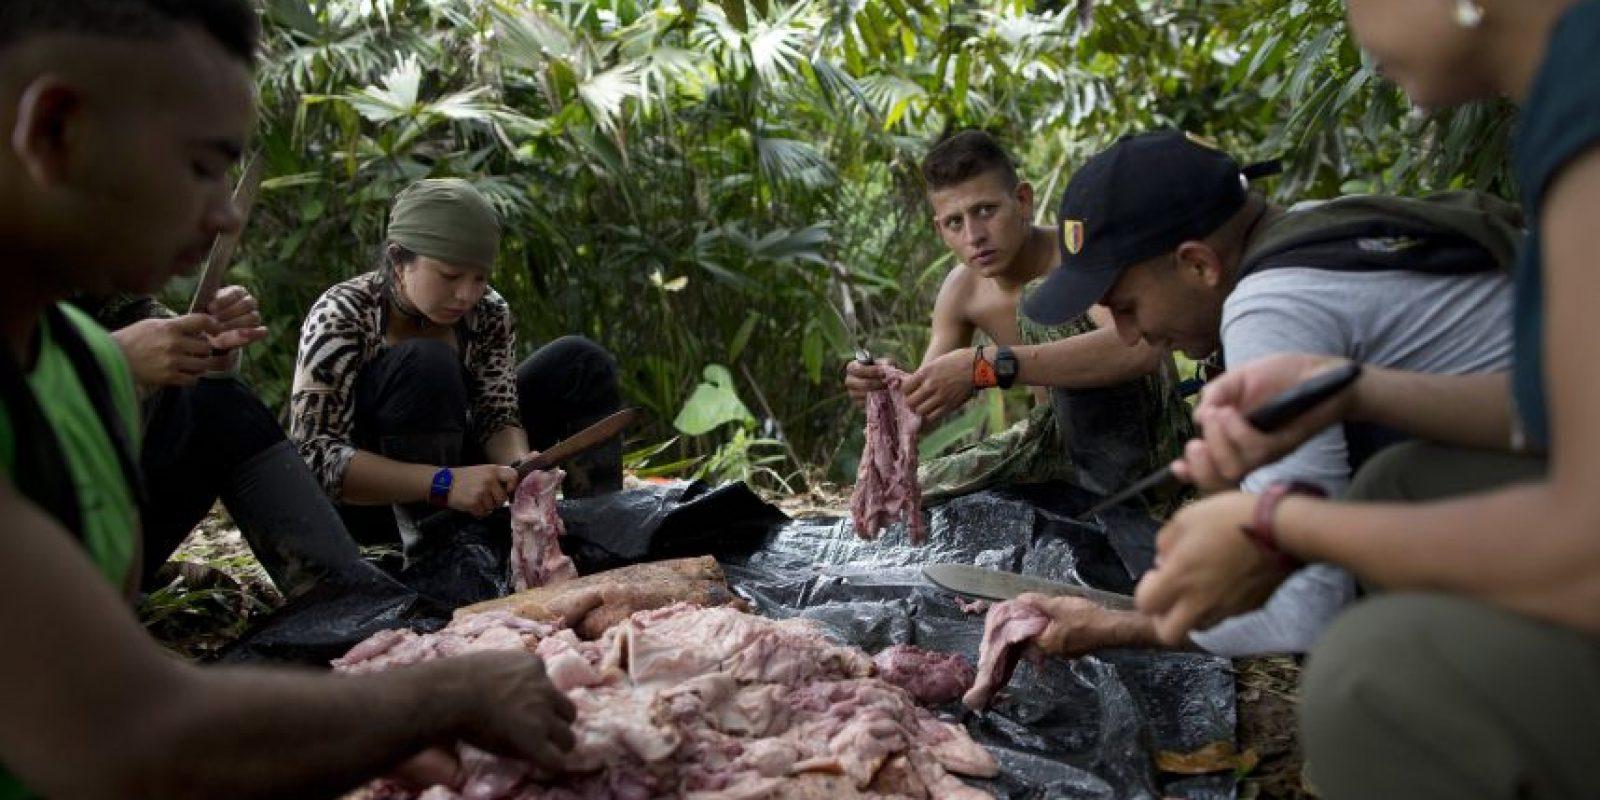 En esta imagen, tomada el 4 de enero de 2016, combatientes rebeldes del frente 36 de las Fuerzas Armadas Revolucionarias de Colombia, o FARC, retiran la piel de un cerdo muerto, en su campamento clandestino en el estado de Antioquia, en los Alpes colombianos. El temor por el futuro es común entre los aproximadamente 7.000 combatientes que aún conserva las FARC, muchos de quienes ingresaron a las filas de la insurgencia cuando apenas eran adolescentes huyendo de la pobreza y la exclusión en sus comunidades. Foto:AP/ Rodrigo Abd